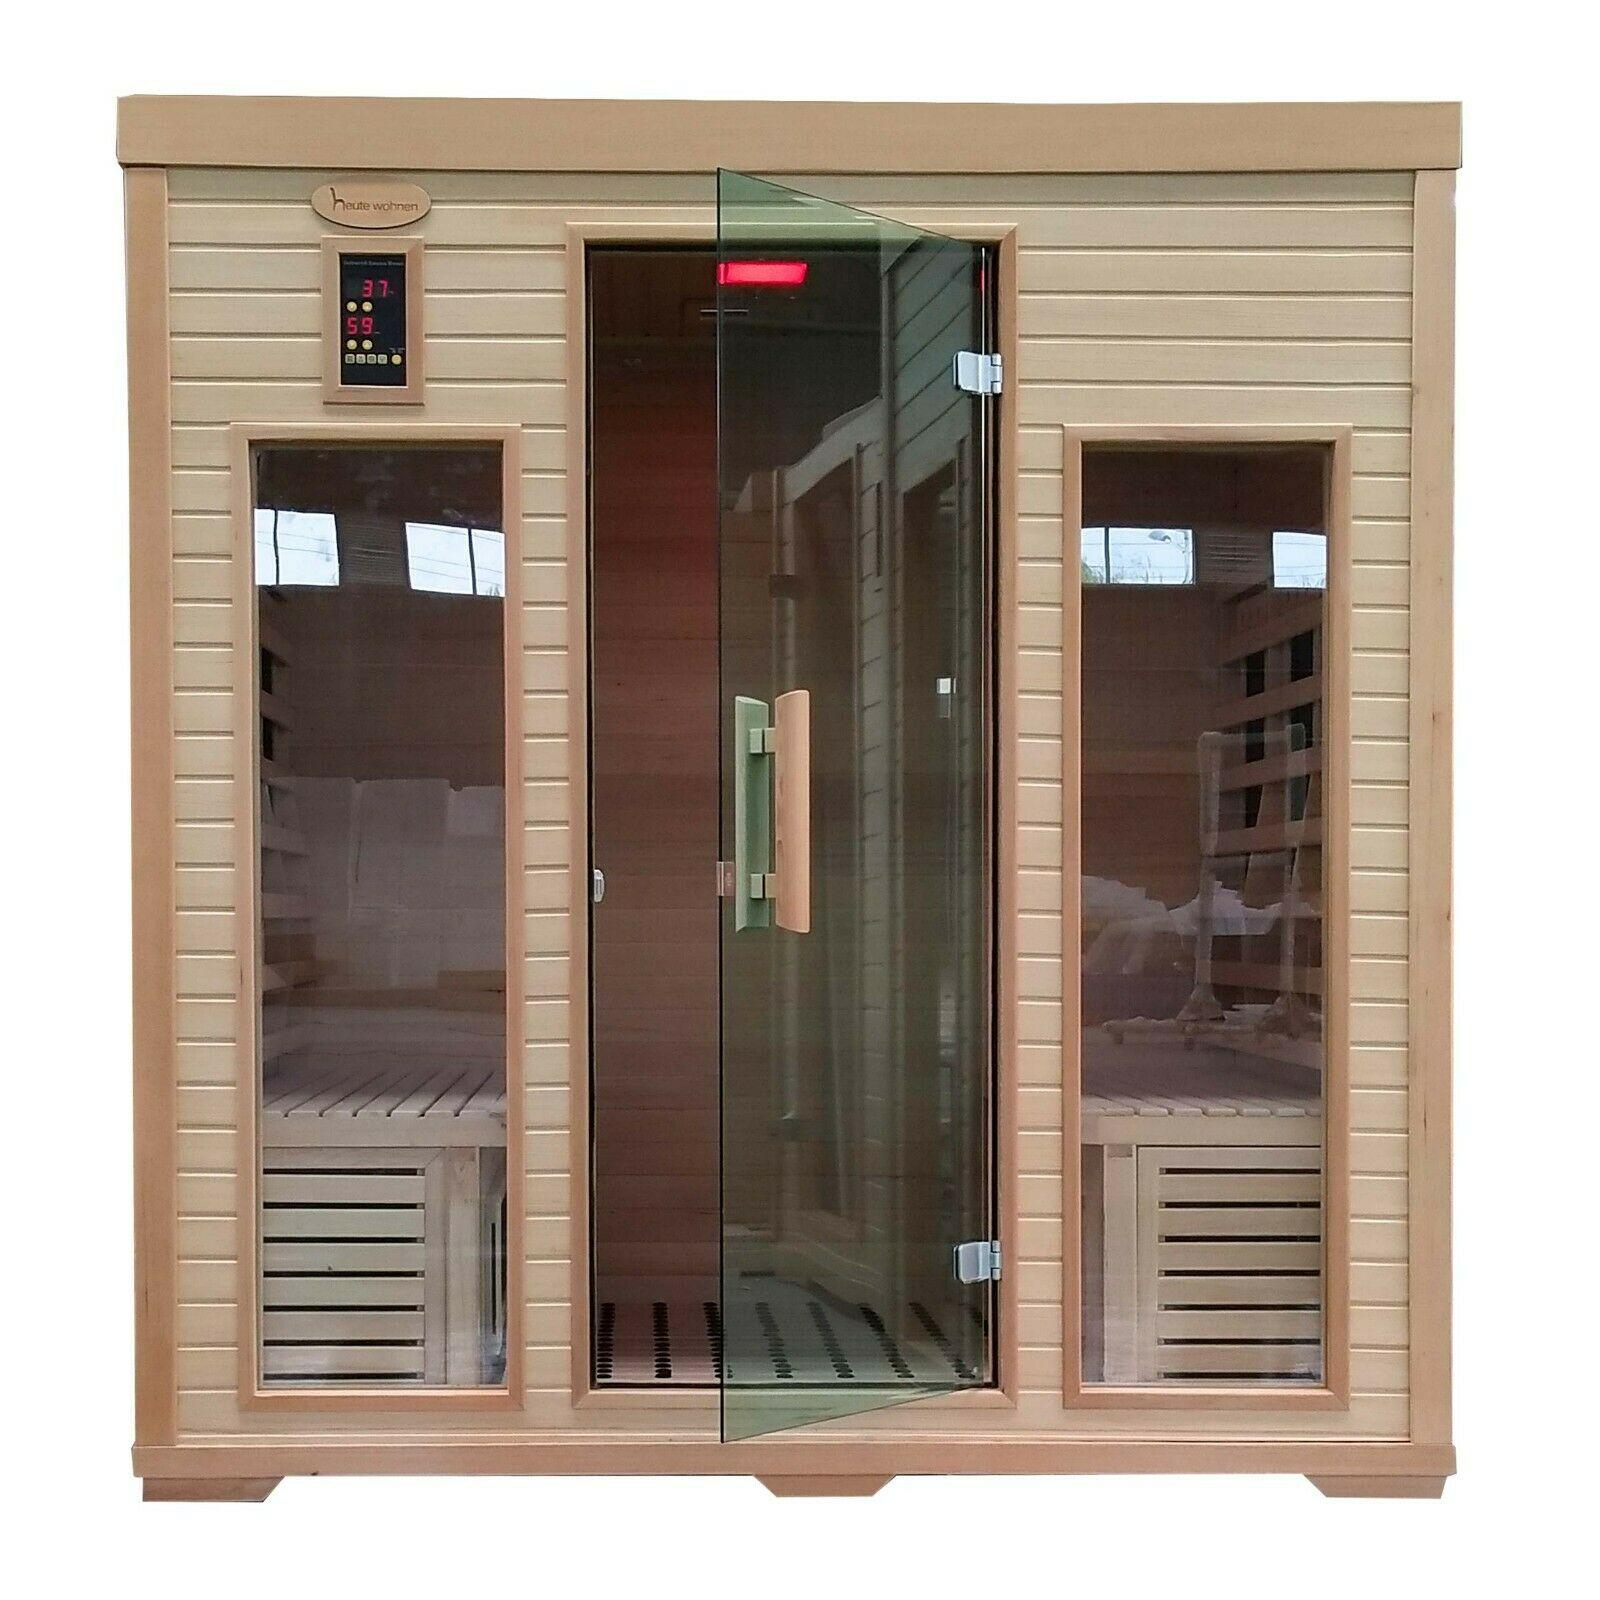 Full Size of Sauna Kaufen 5e2642d957001 Einbauküche Küche Tipps Breaking Bad Velux Fenster Gebrauchte Im Badezimmer Billig Betten Günstig Sofa Esstisch Duschen Alte Wohnzimmer Sauna Kaufen